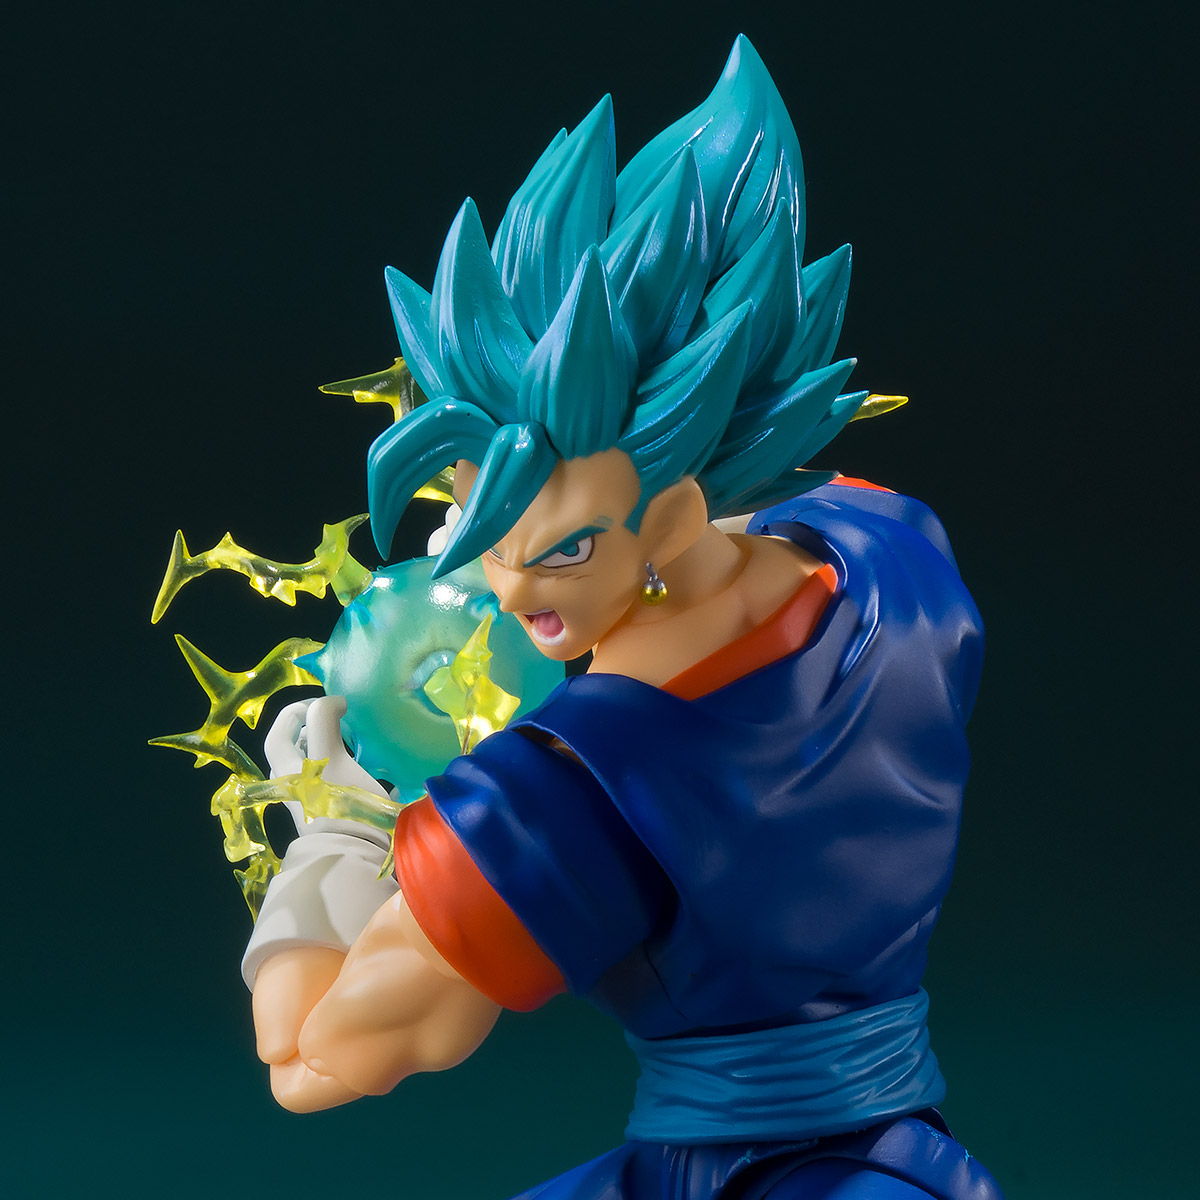 S.H.Figuarts Super Saiyan God Super Saiyan Vegito -Super-